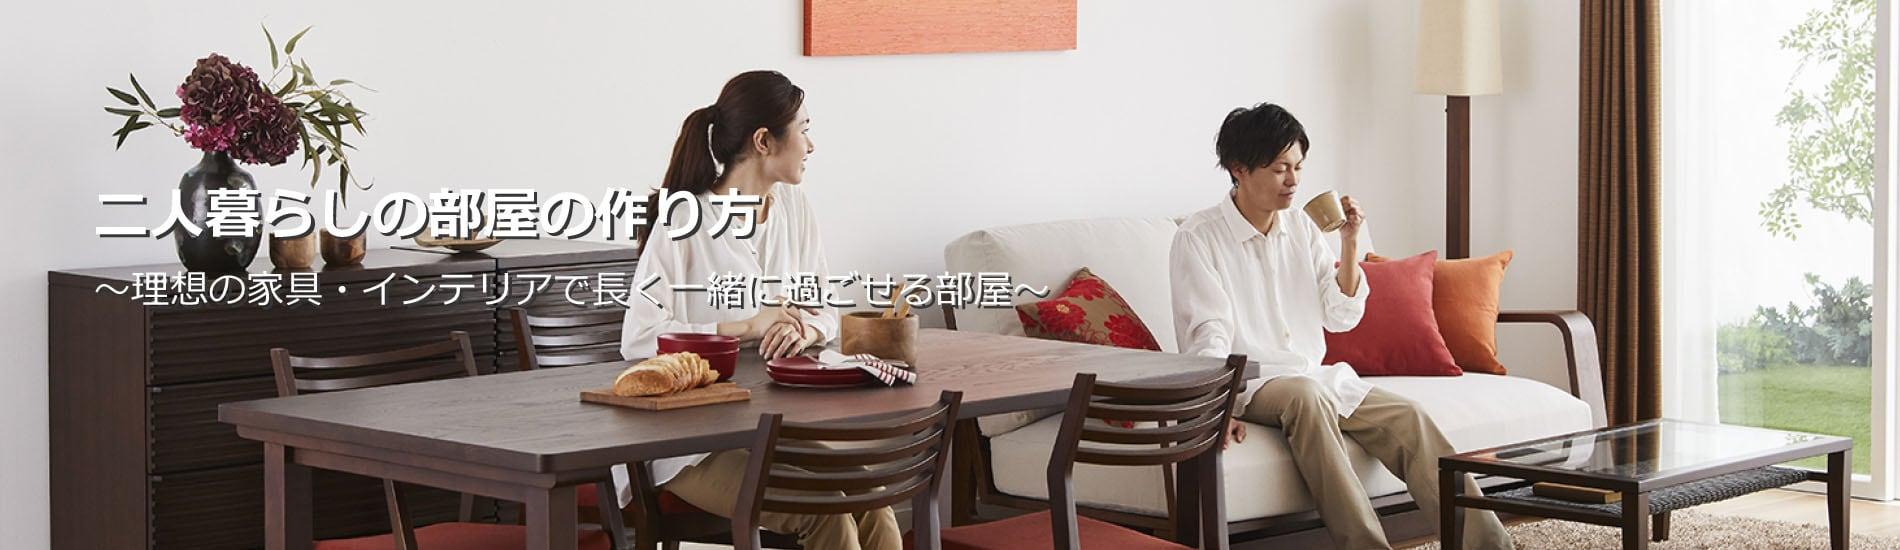 二人暮らしの部屋・2LDK・1LDKの作り方~理想の家具・インテリアで長く一緒に過ごせる部屋~